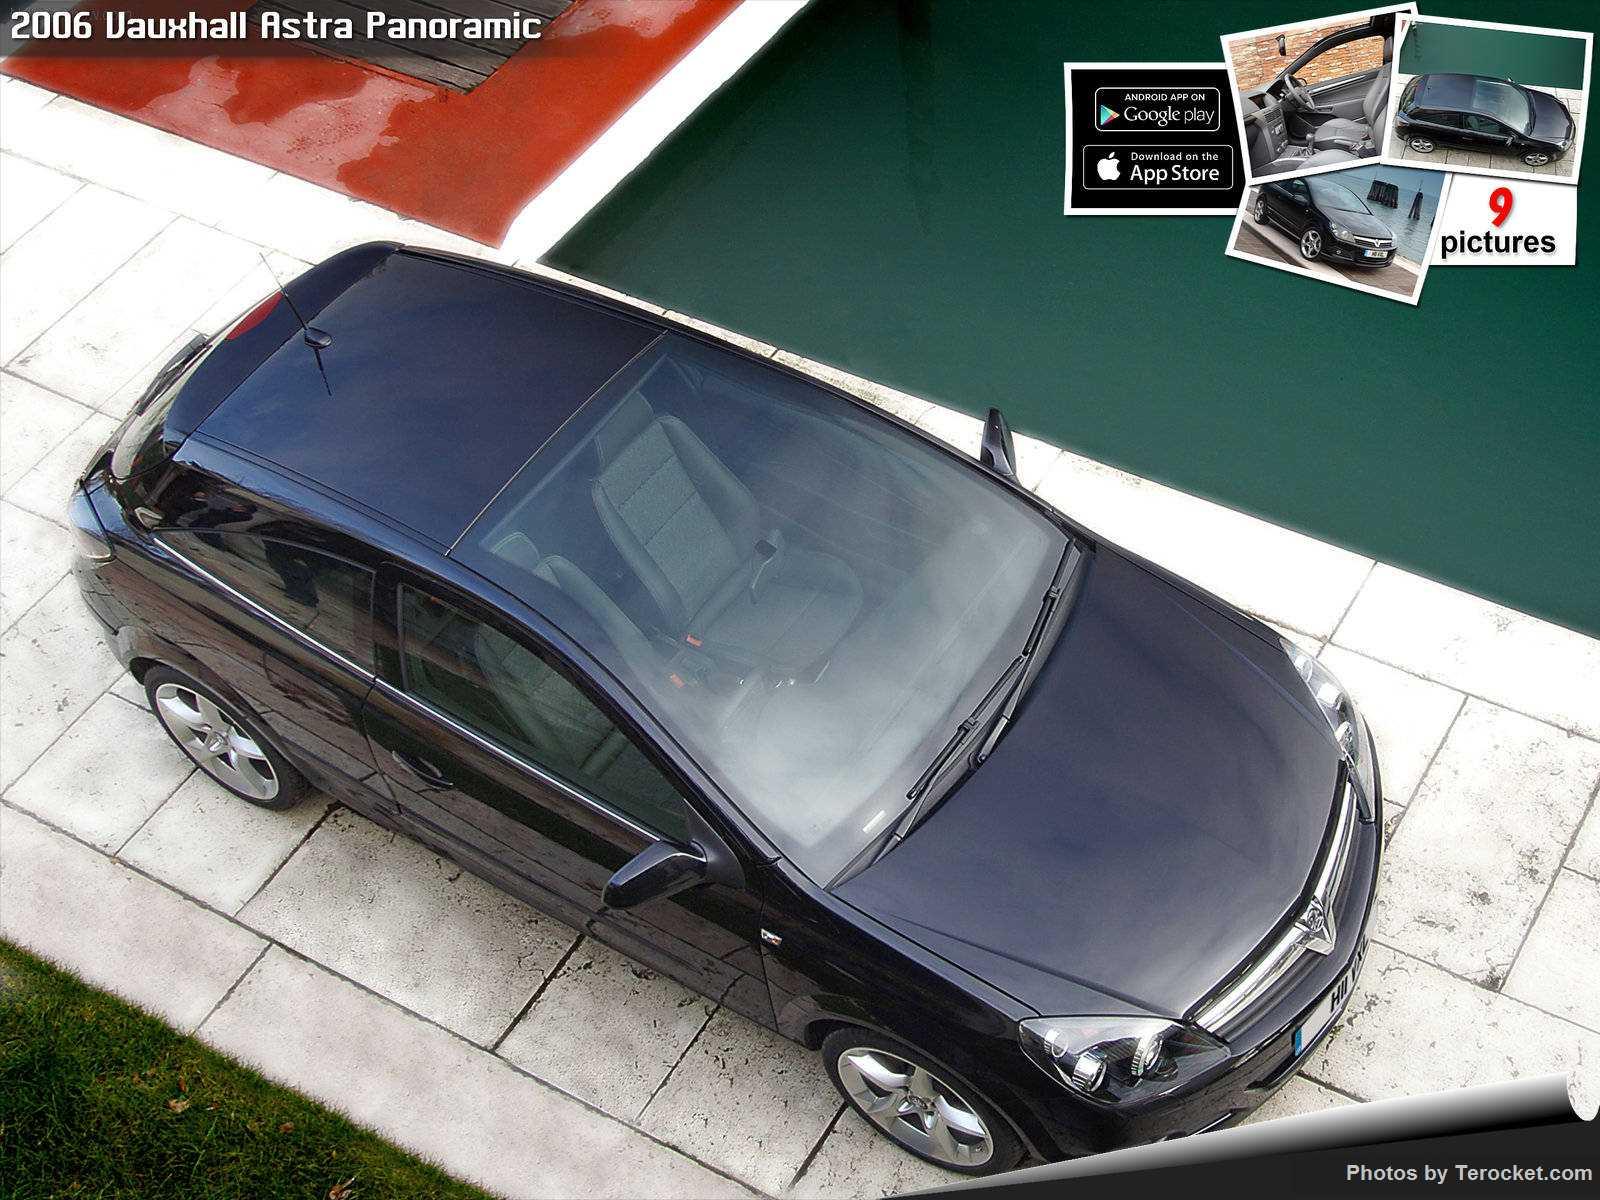 Hình ảnh xe ô tô Vauxhall Astra Panoramic 2006 & nội ngoại thất